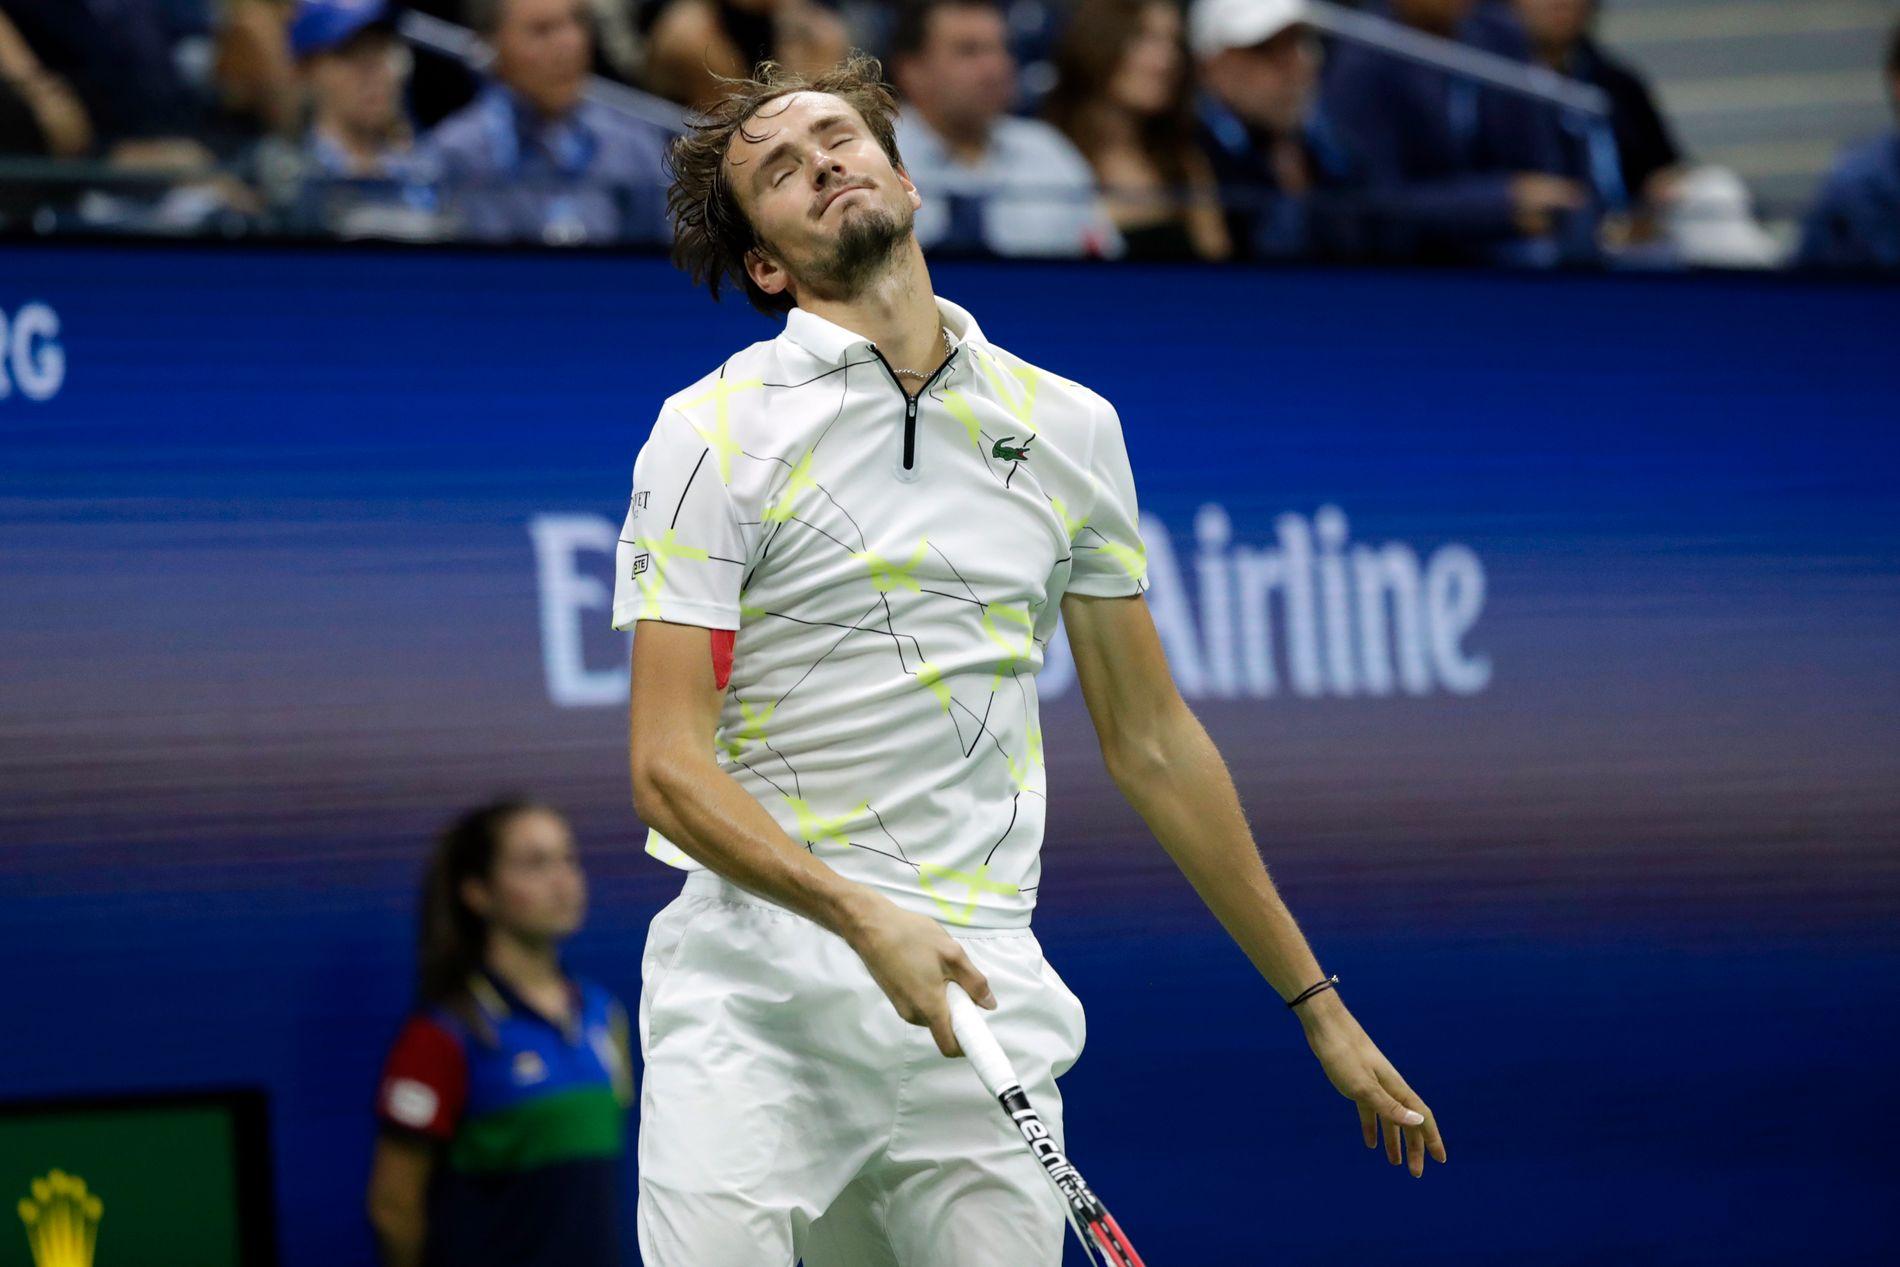 Russiske Daniil Medvedev kjempet hardt og lenge mot Rafael Nadal i finalen i årets US Open i New York.